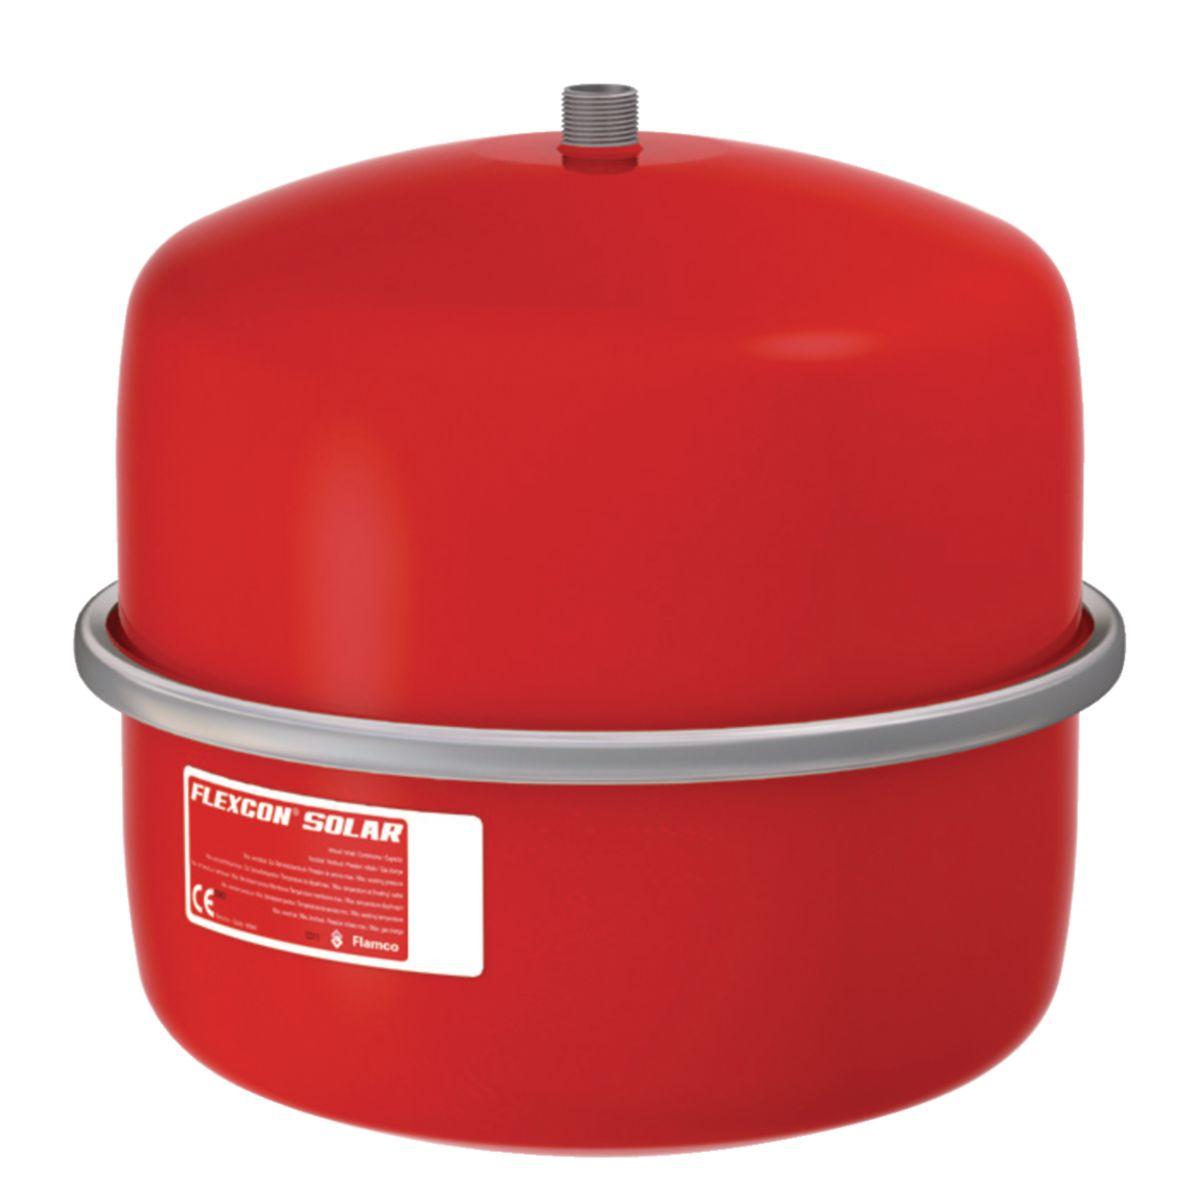 Flamco vase d/'expansion flexcon solaire 25 l pour panneaux solaires 16063